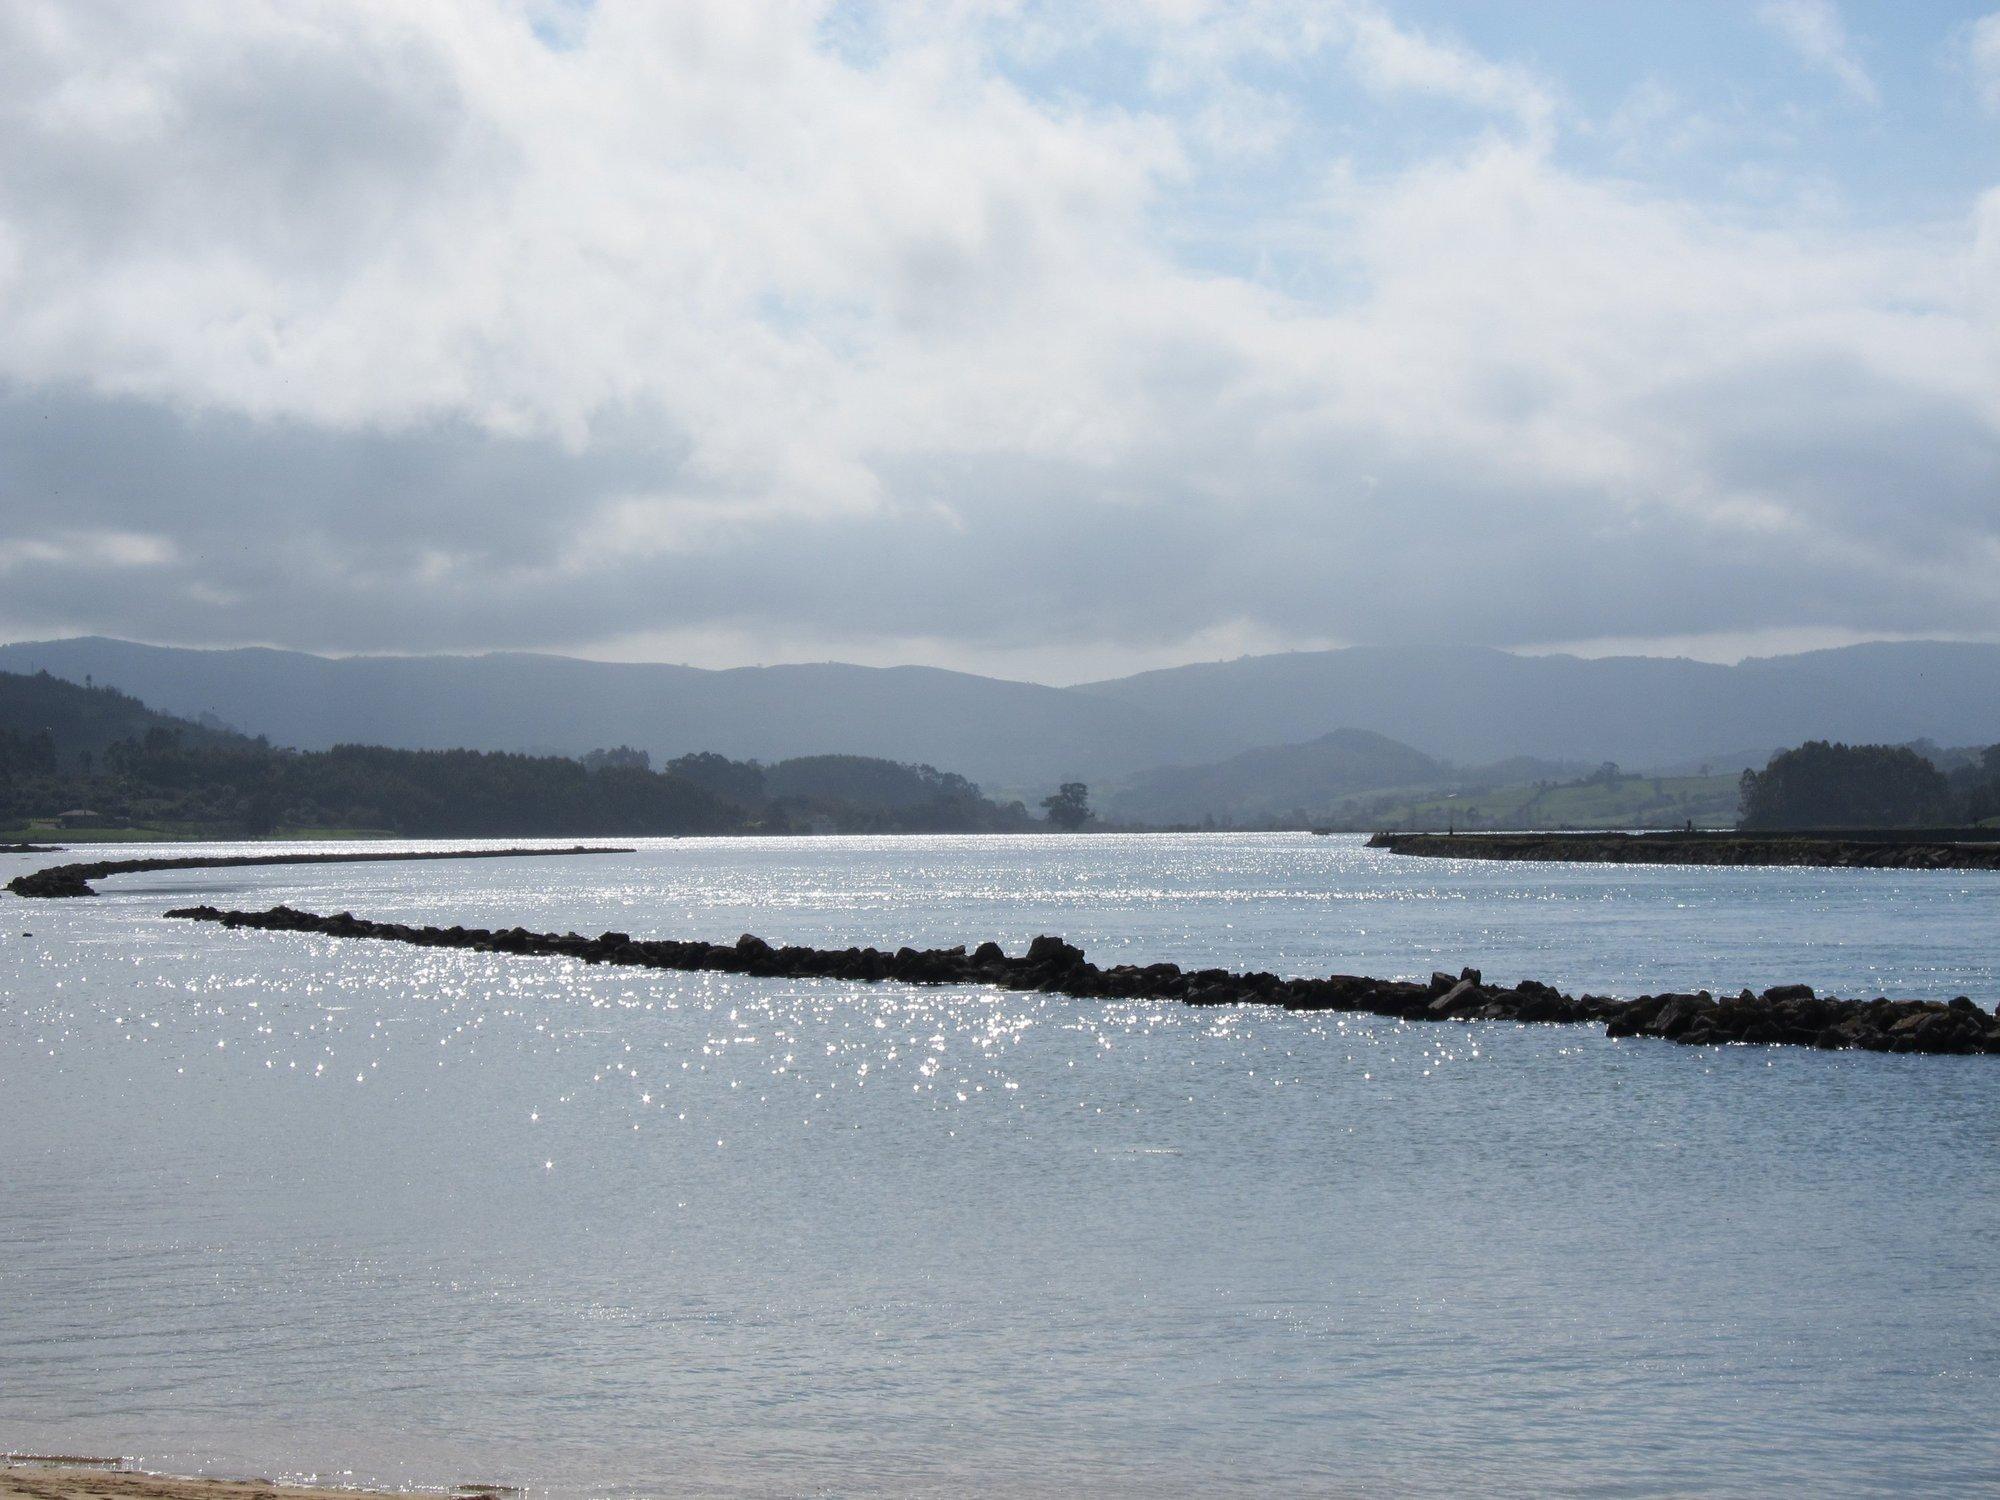 Los mariscadores de la Ría de Villaviciosa recibirán ayudas compensatorias por el cese temporal de la actividad